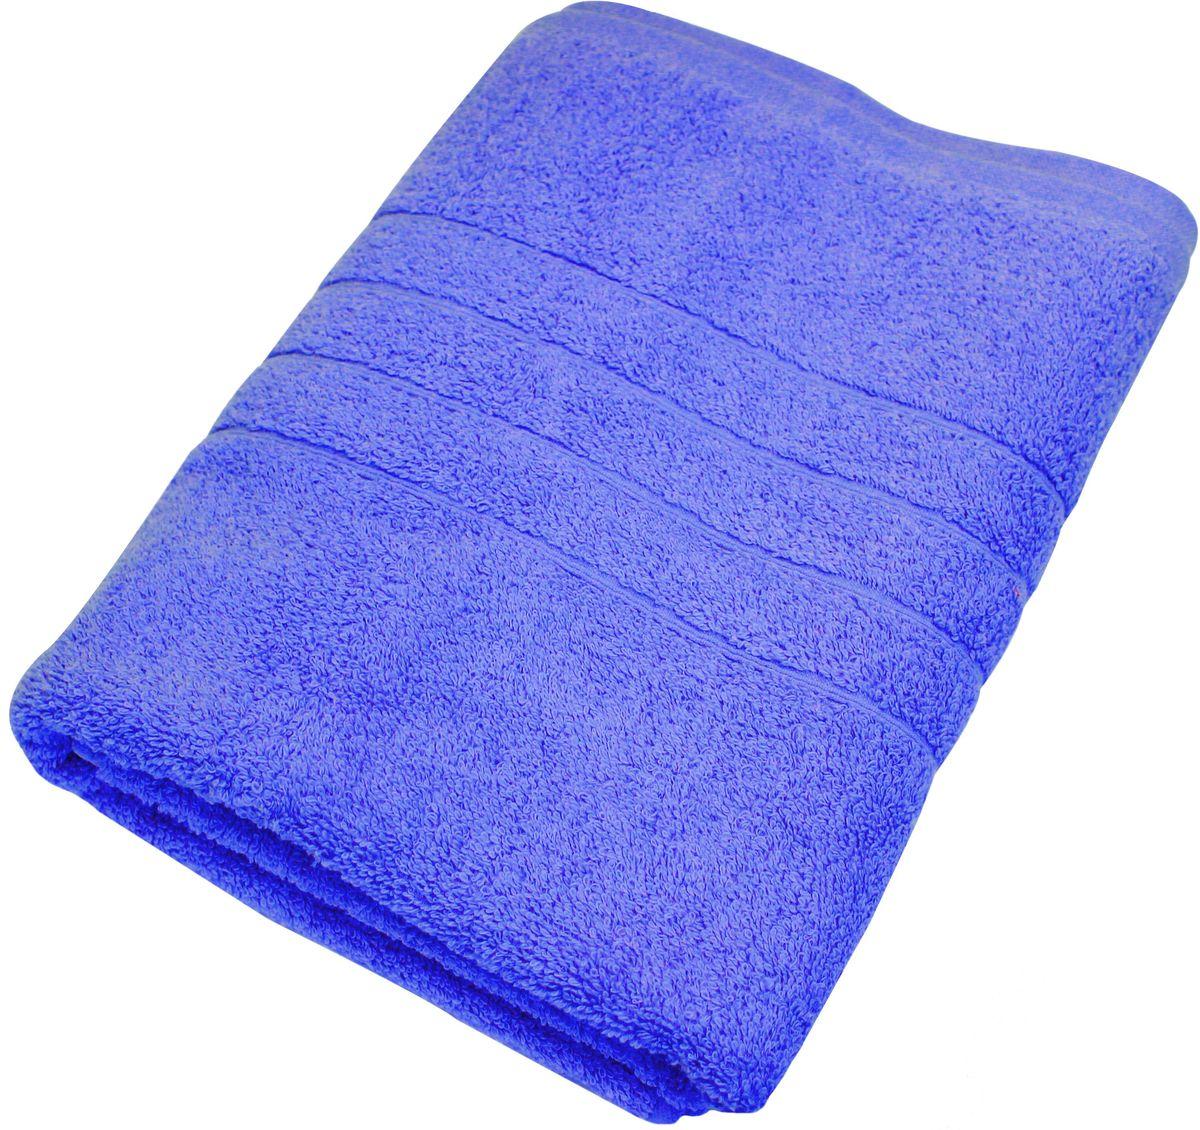 Полотенце Proffi Home Модерн, цвет: синий, 70 x 140 см68/5/2Мягкое махровое полотенцеProffi Home Модерн отлично впитывает влагу и быстро сохнет, приятно в него завернуться после принятия ванны или посещения сауны. Поэтому данное махровое полотенце можно использовать в качестве душевого, банного или пляжного полотенца. Состав: 100% хлопок.